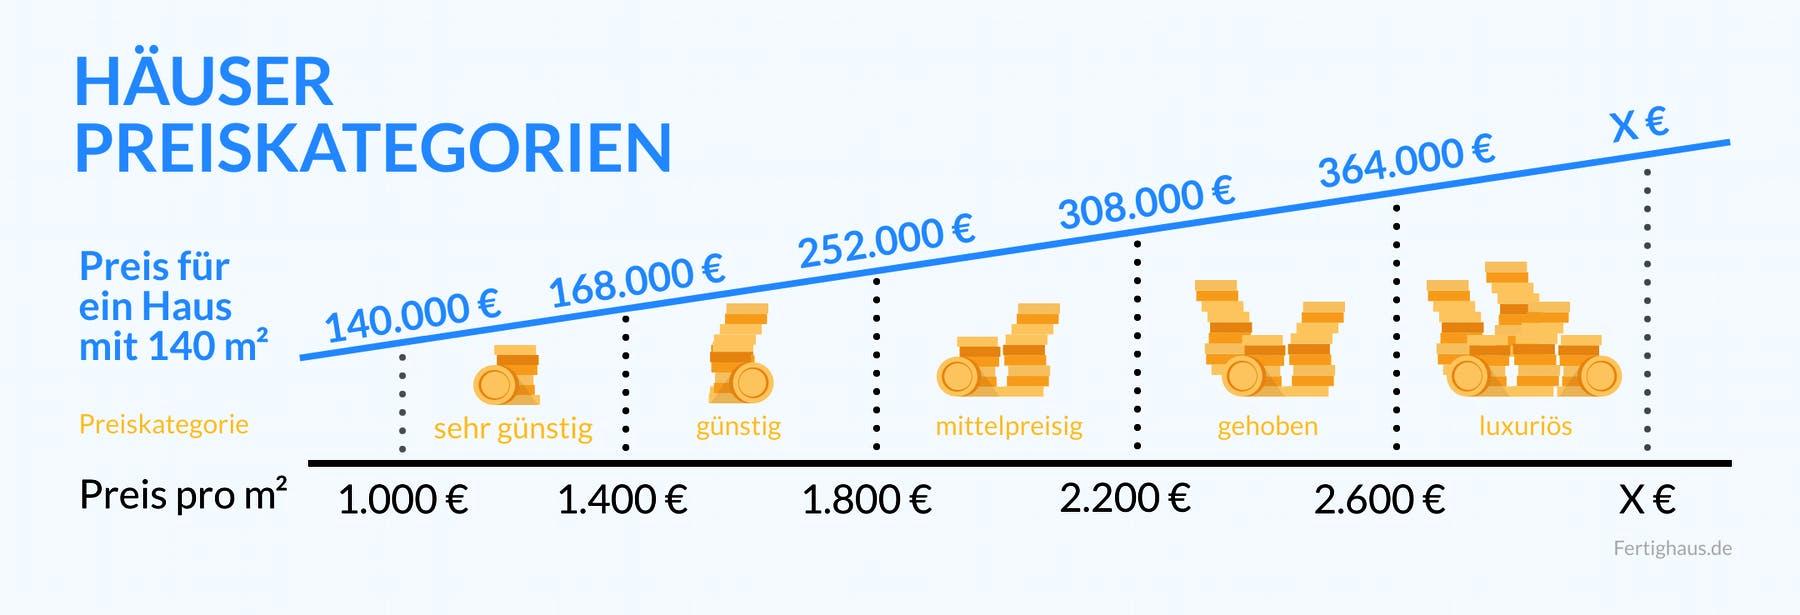 Grafik zu Preiskategorien von Häusern